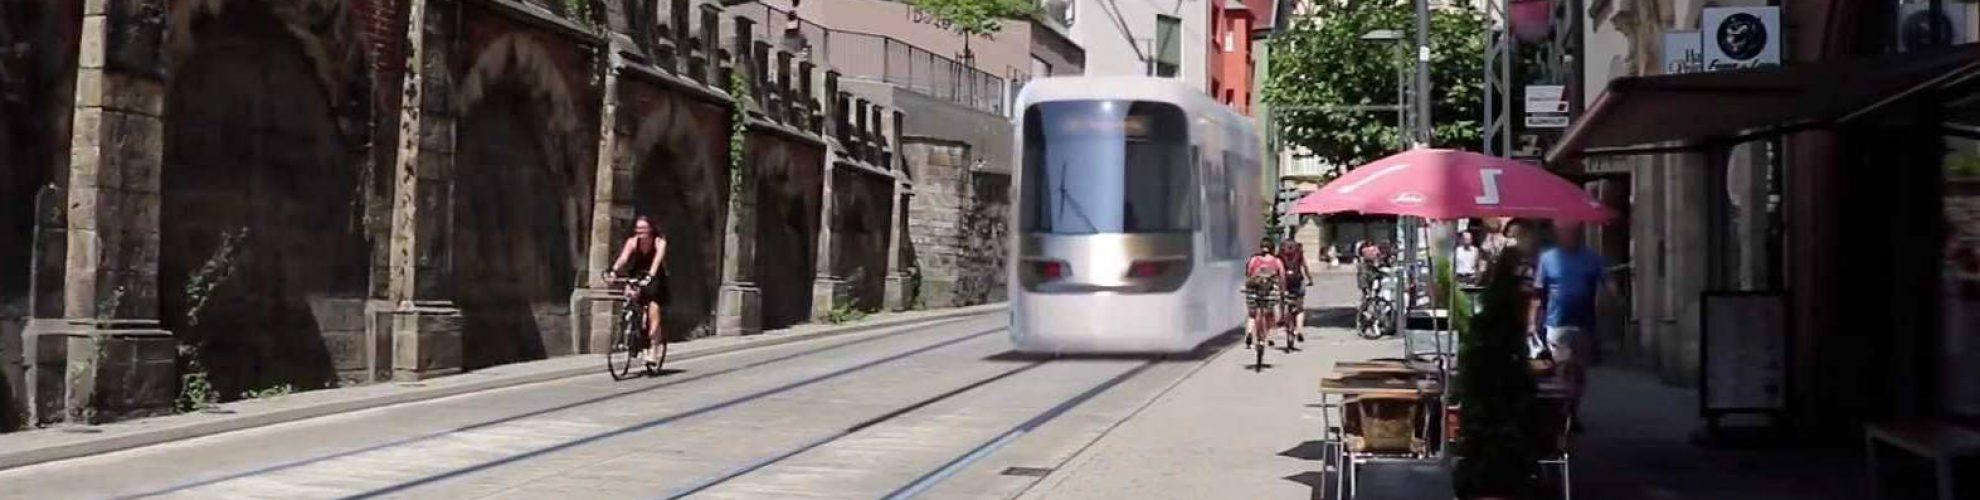 TramTrain_Muehlstraße